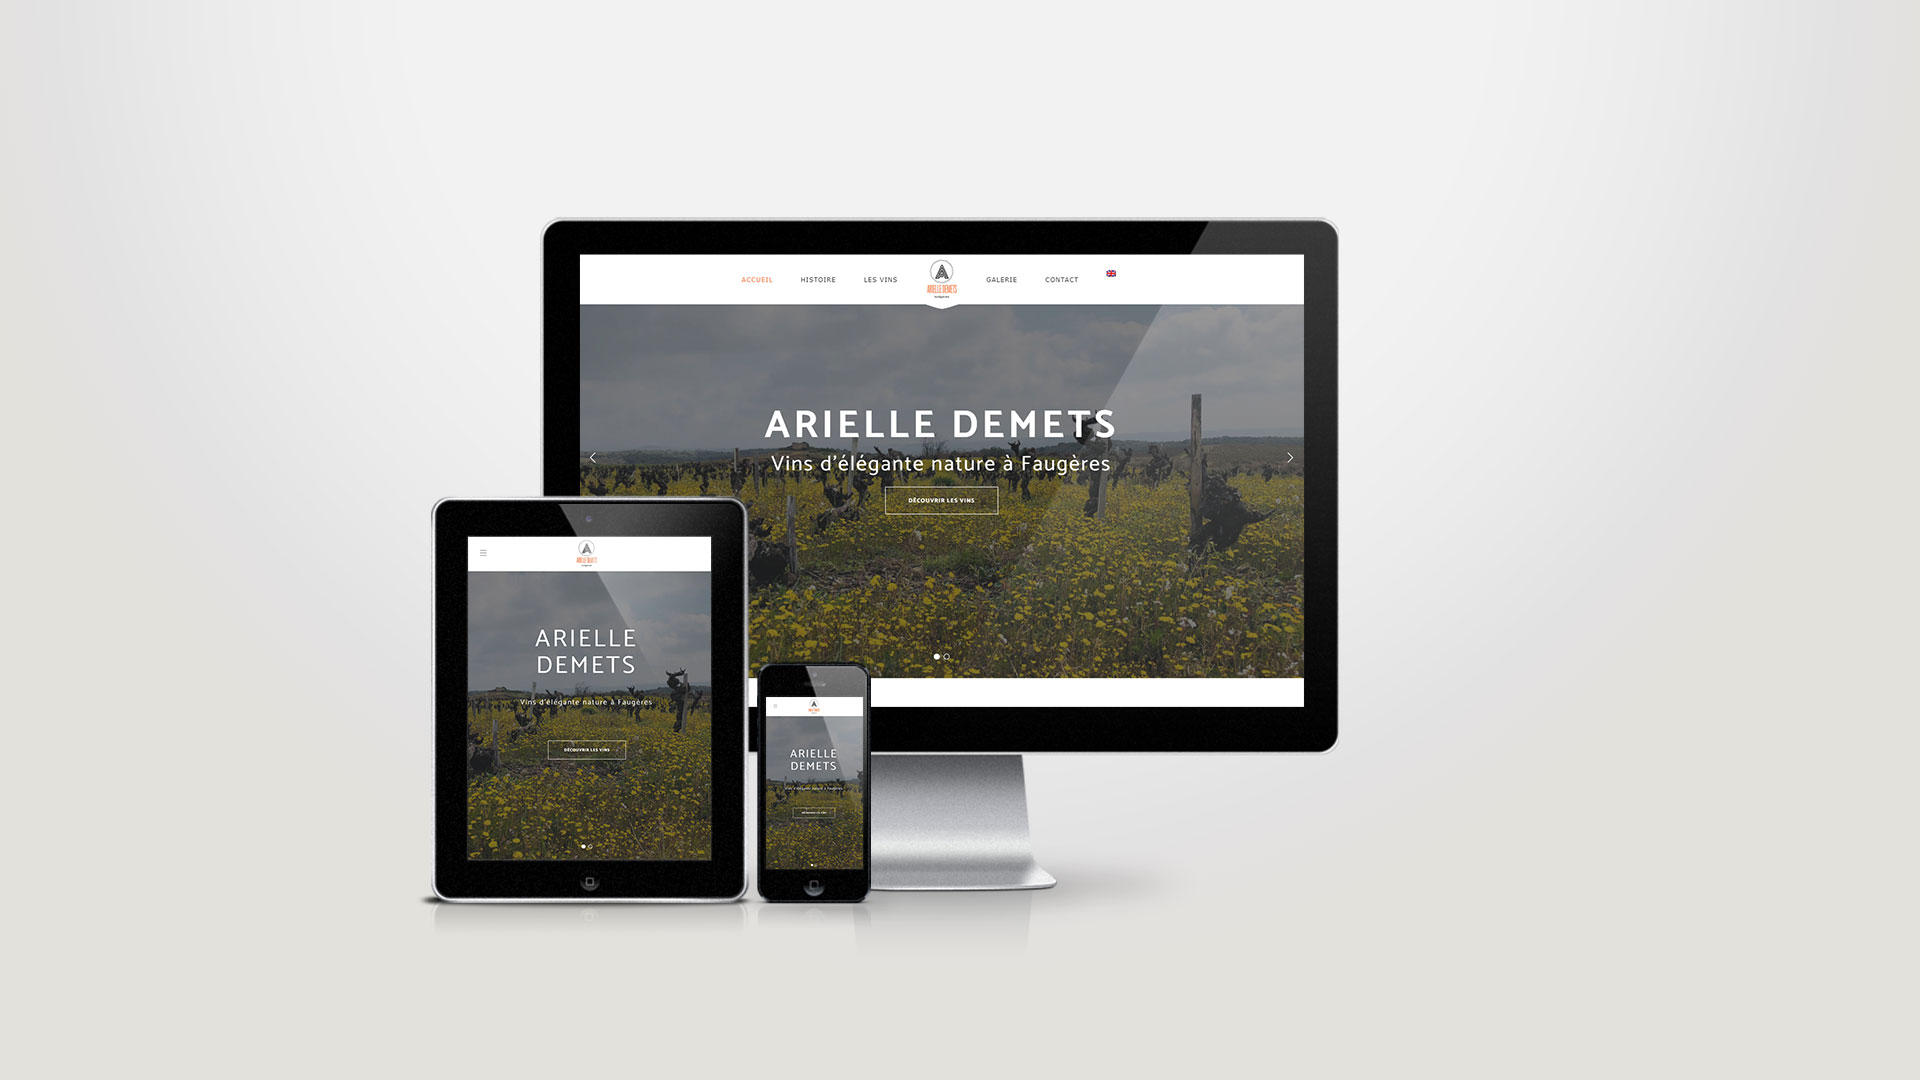 Arielle Demets